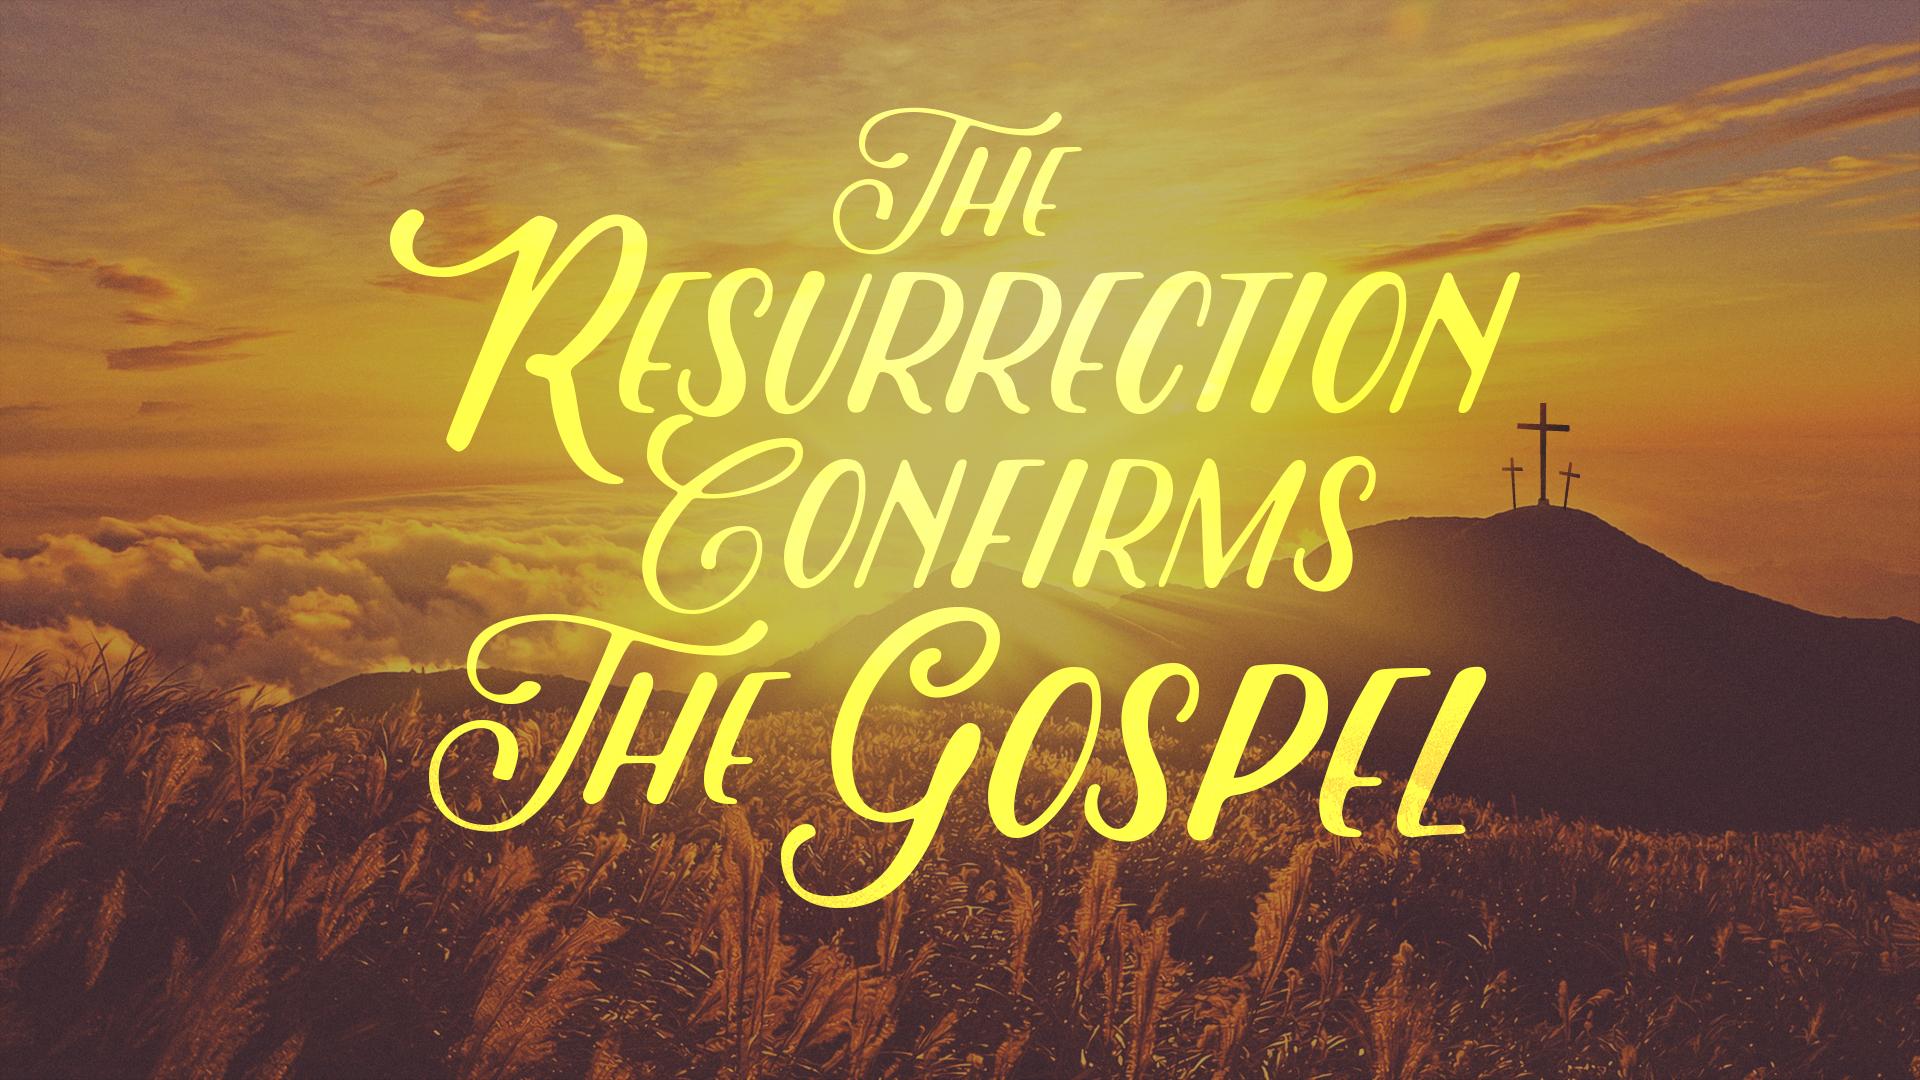 The Resurrection Confirms The Gospel